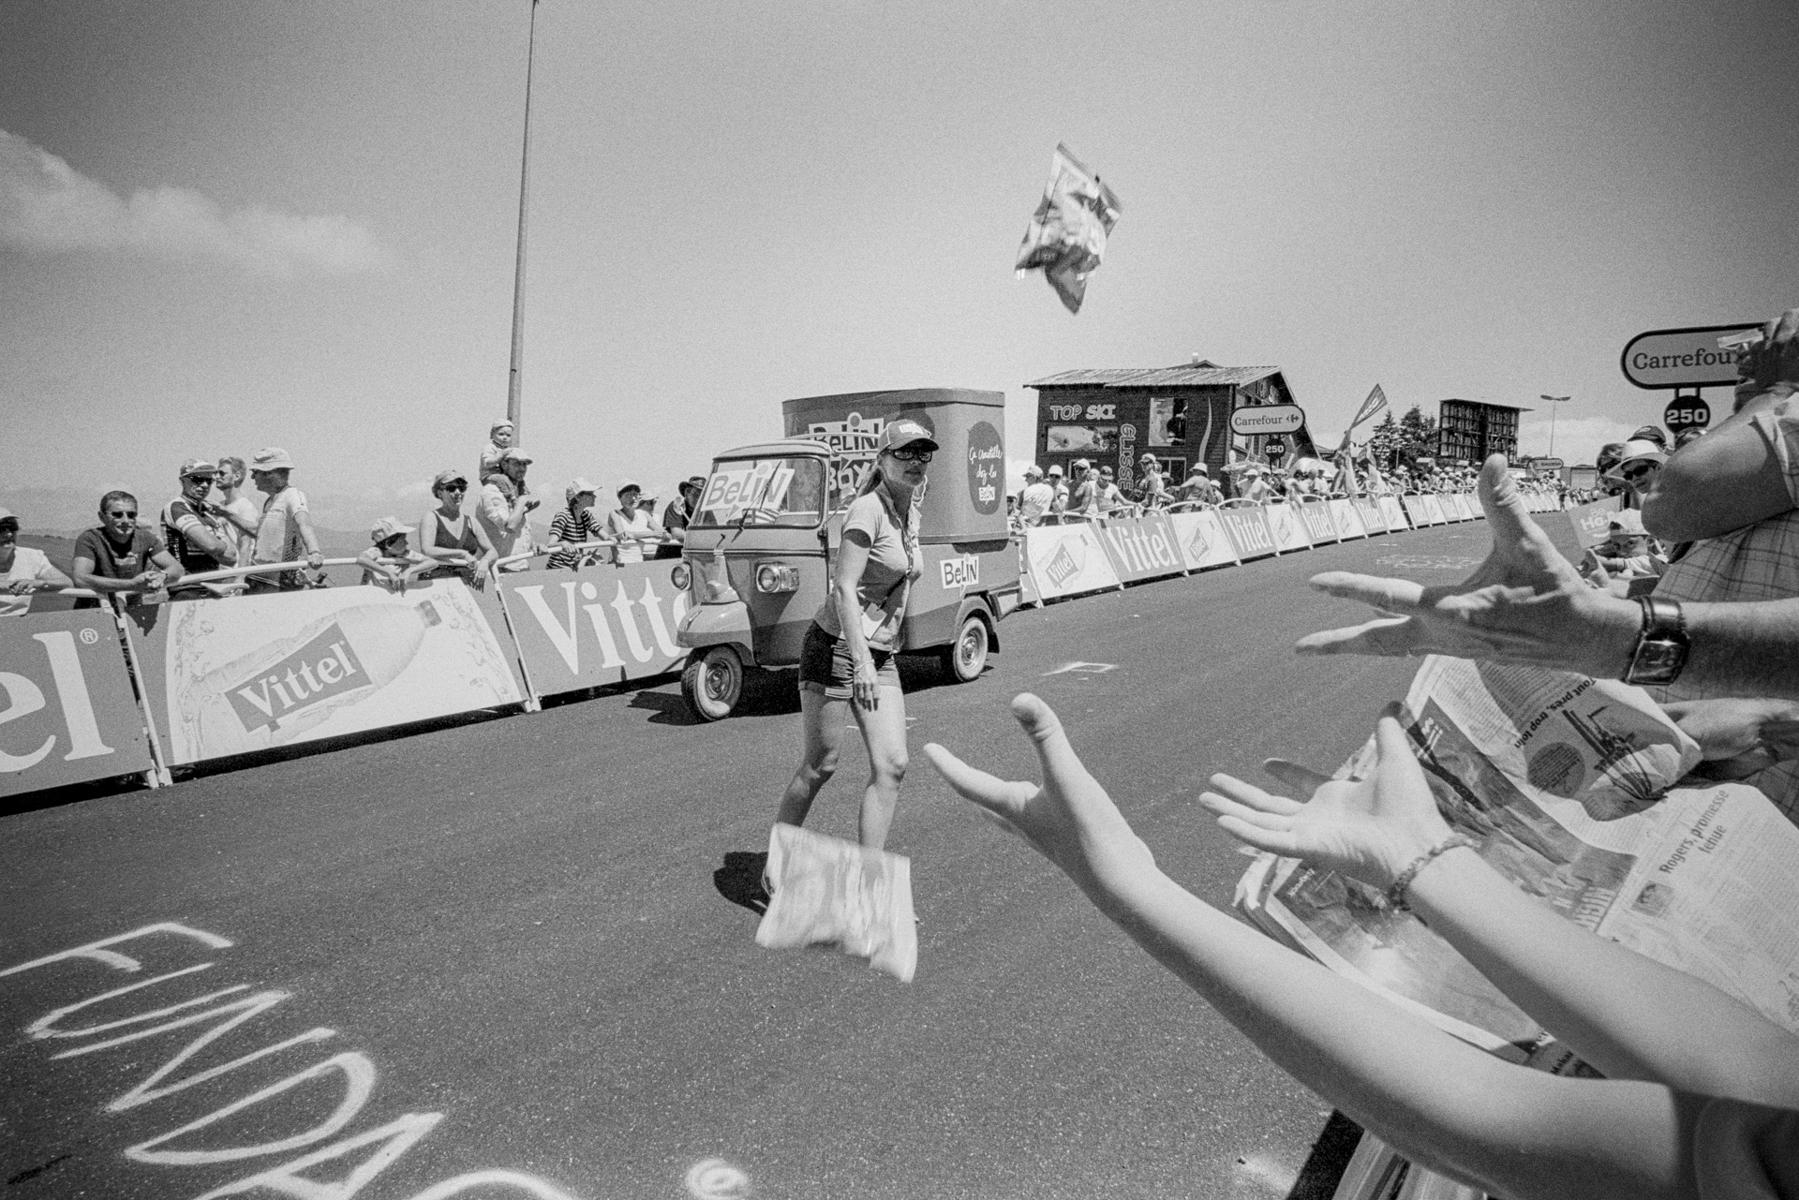 Le Tour de France 2014 ... and you are lucky if you catch some. ... et vous êtes chanceux si vous en attrapez quelques-uns. ... und man braucht auch ein bisschen Glück, um sie zu fangen. ... y hay que tener un poco de suerte y práctica para hacerse con alguno.